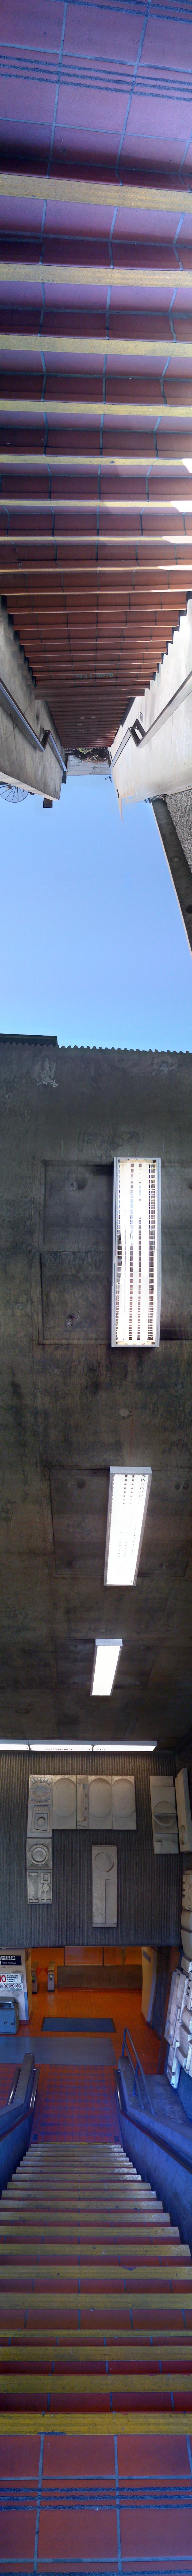 vertical BART 360